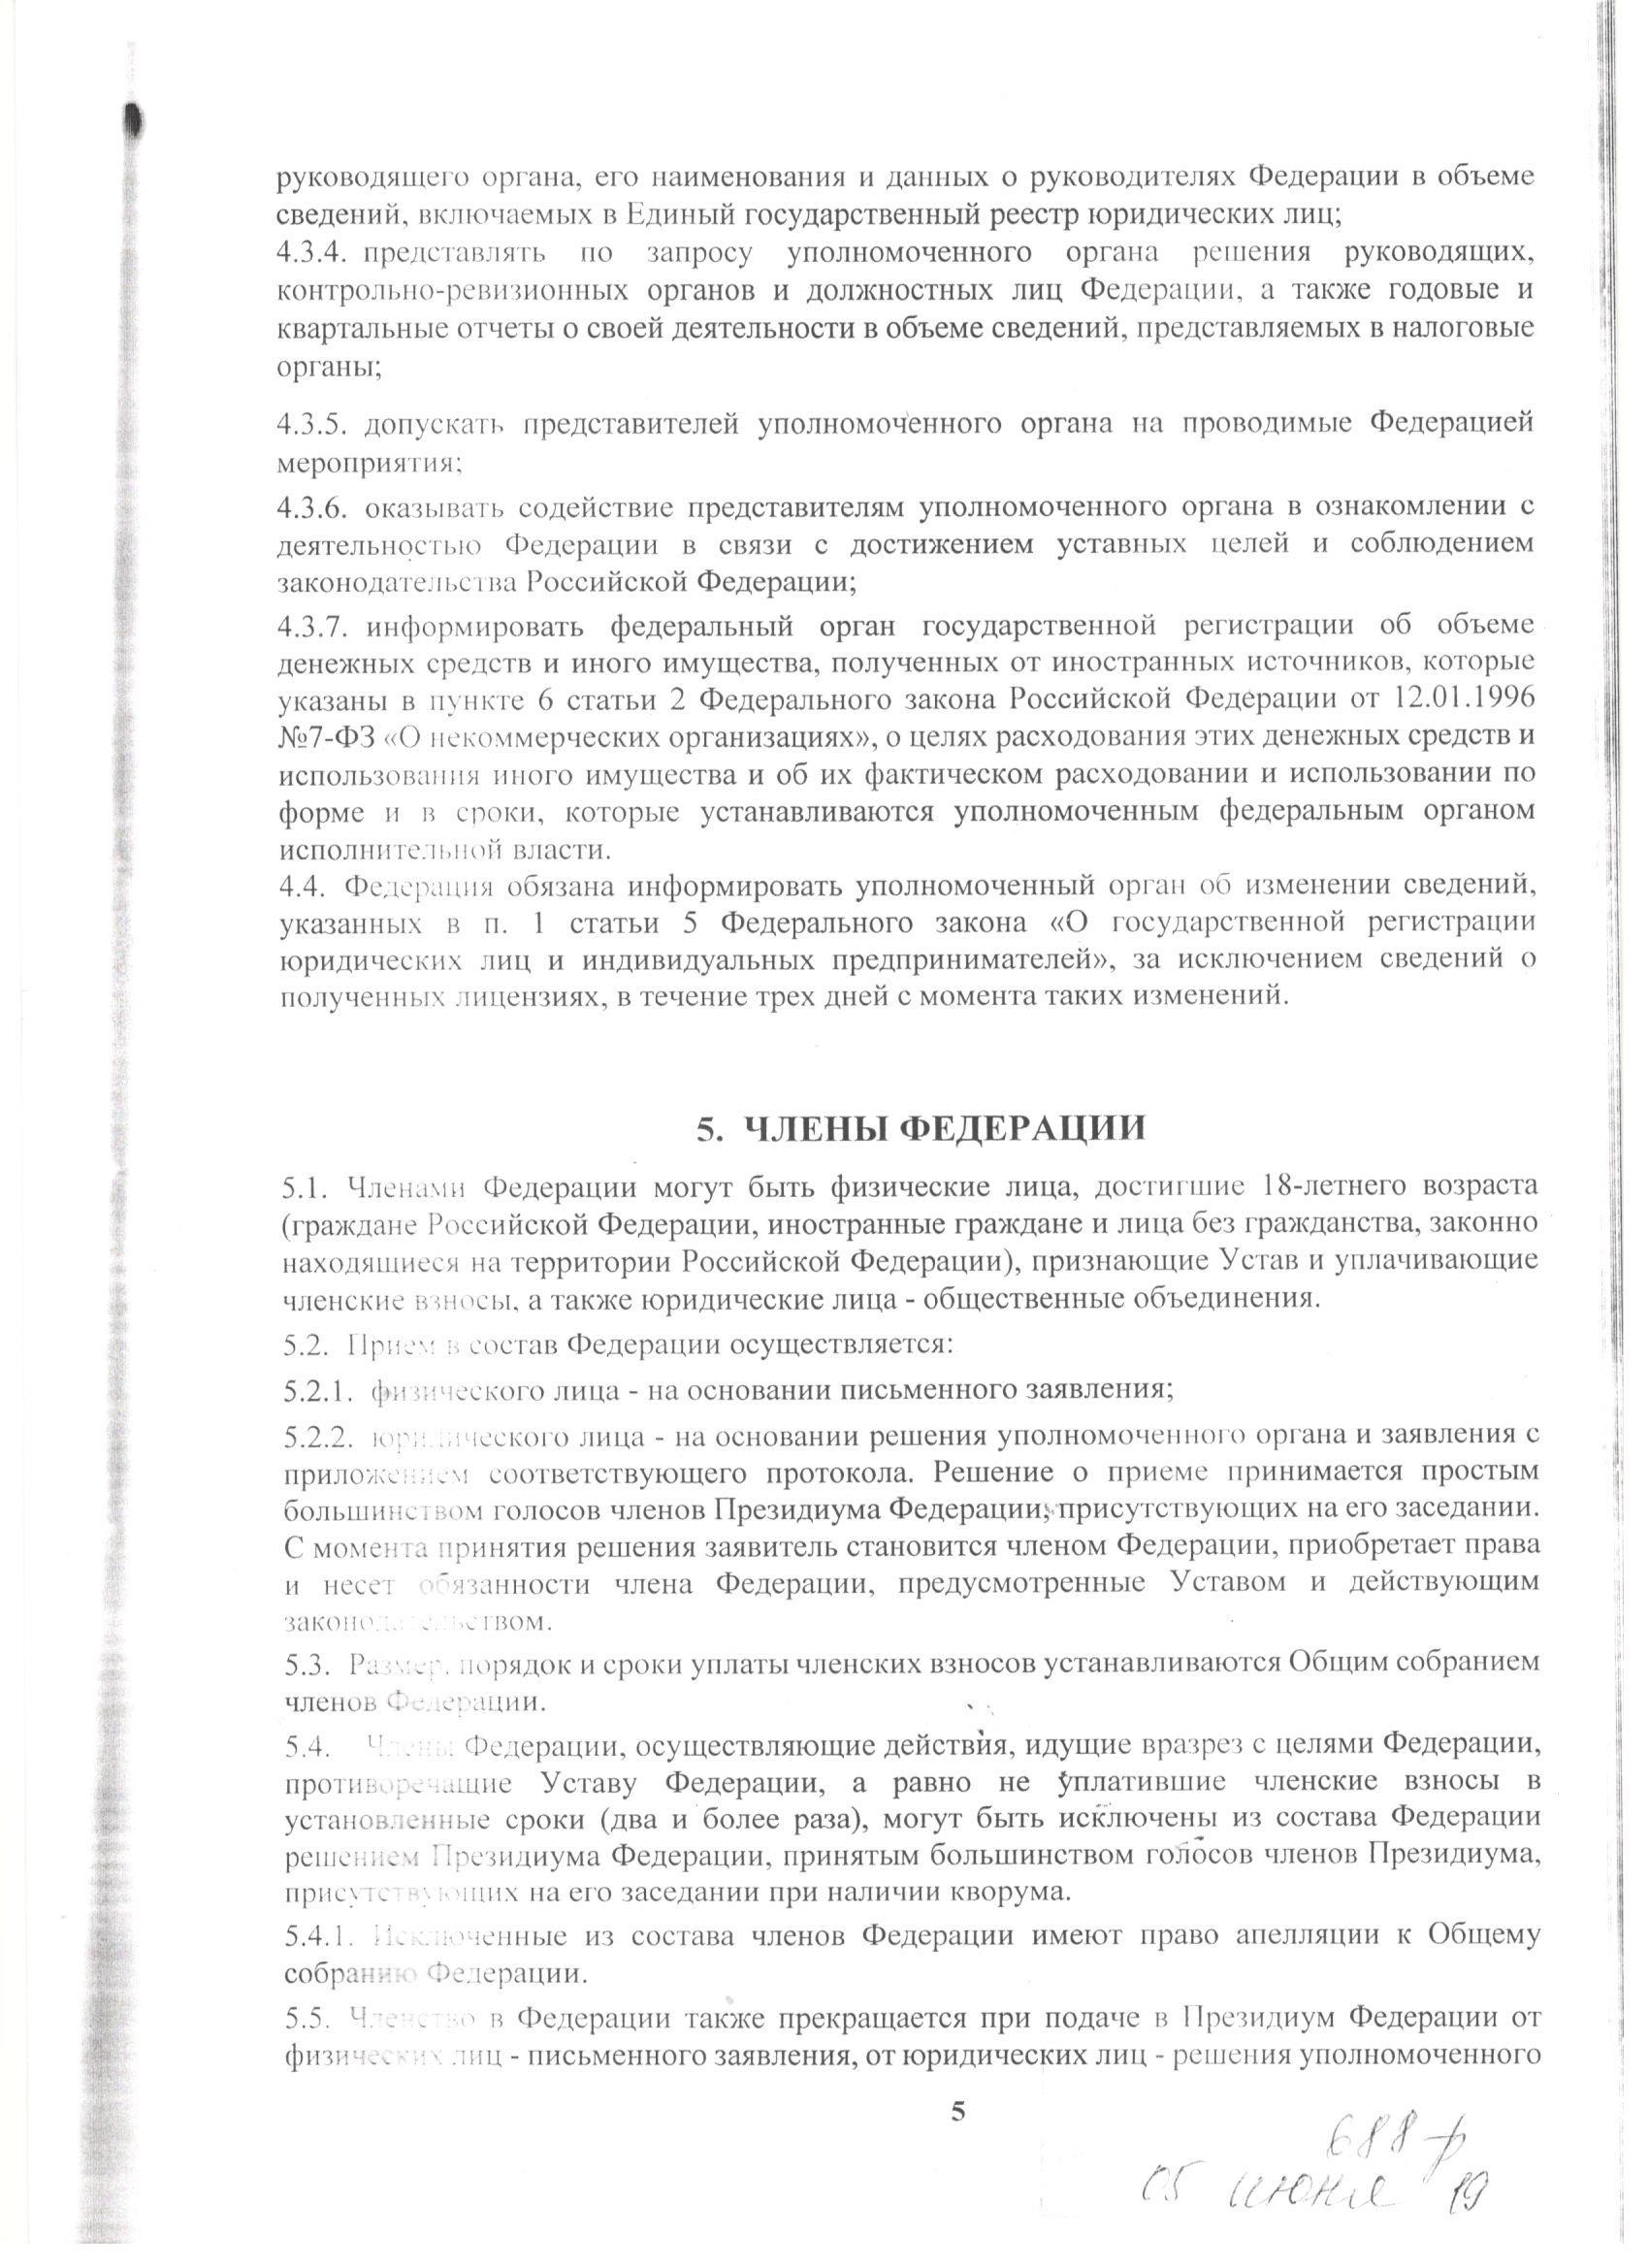 http://forumupload.ru/uploads/0014/11/ca/2/368222.jpg